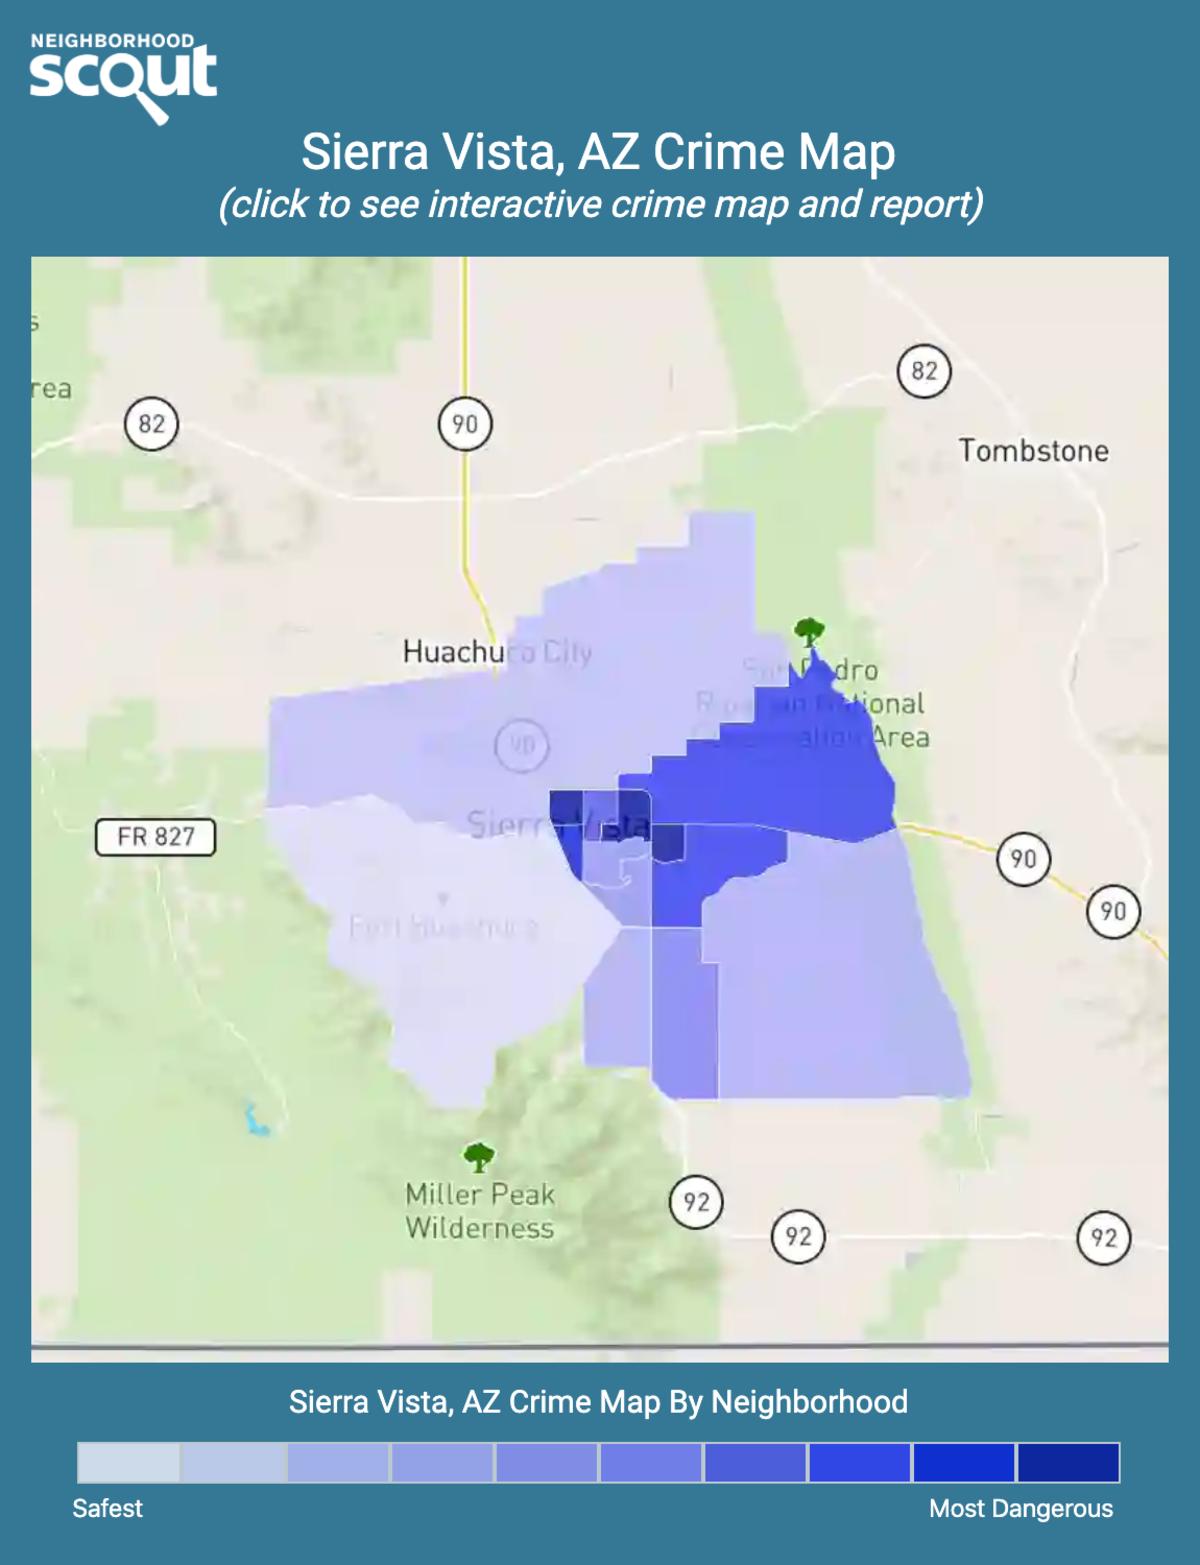 Sierra Vista, Arizona crime map